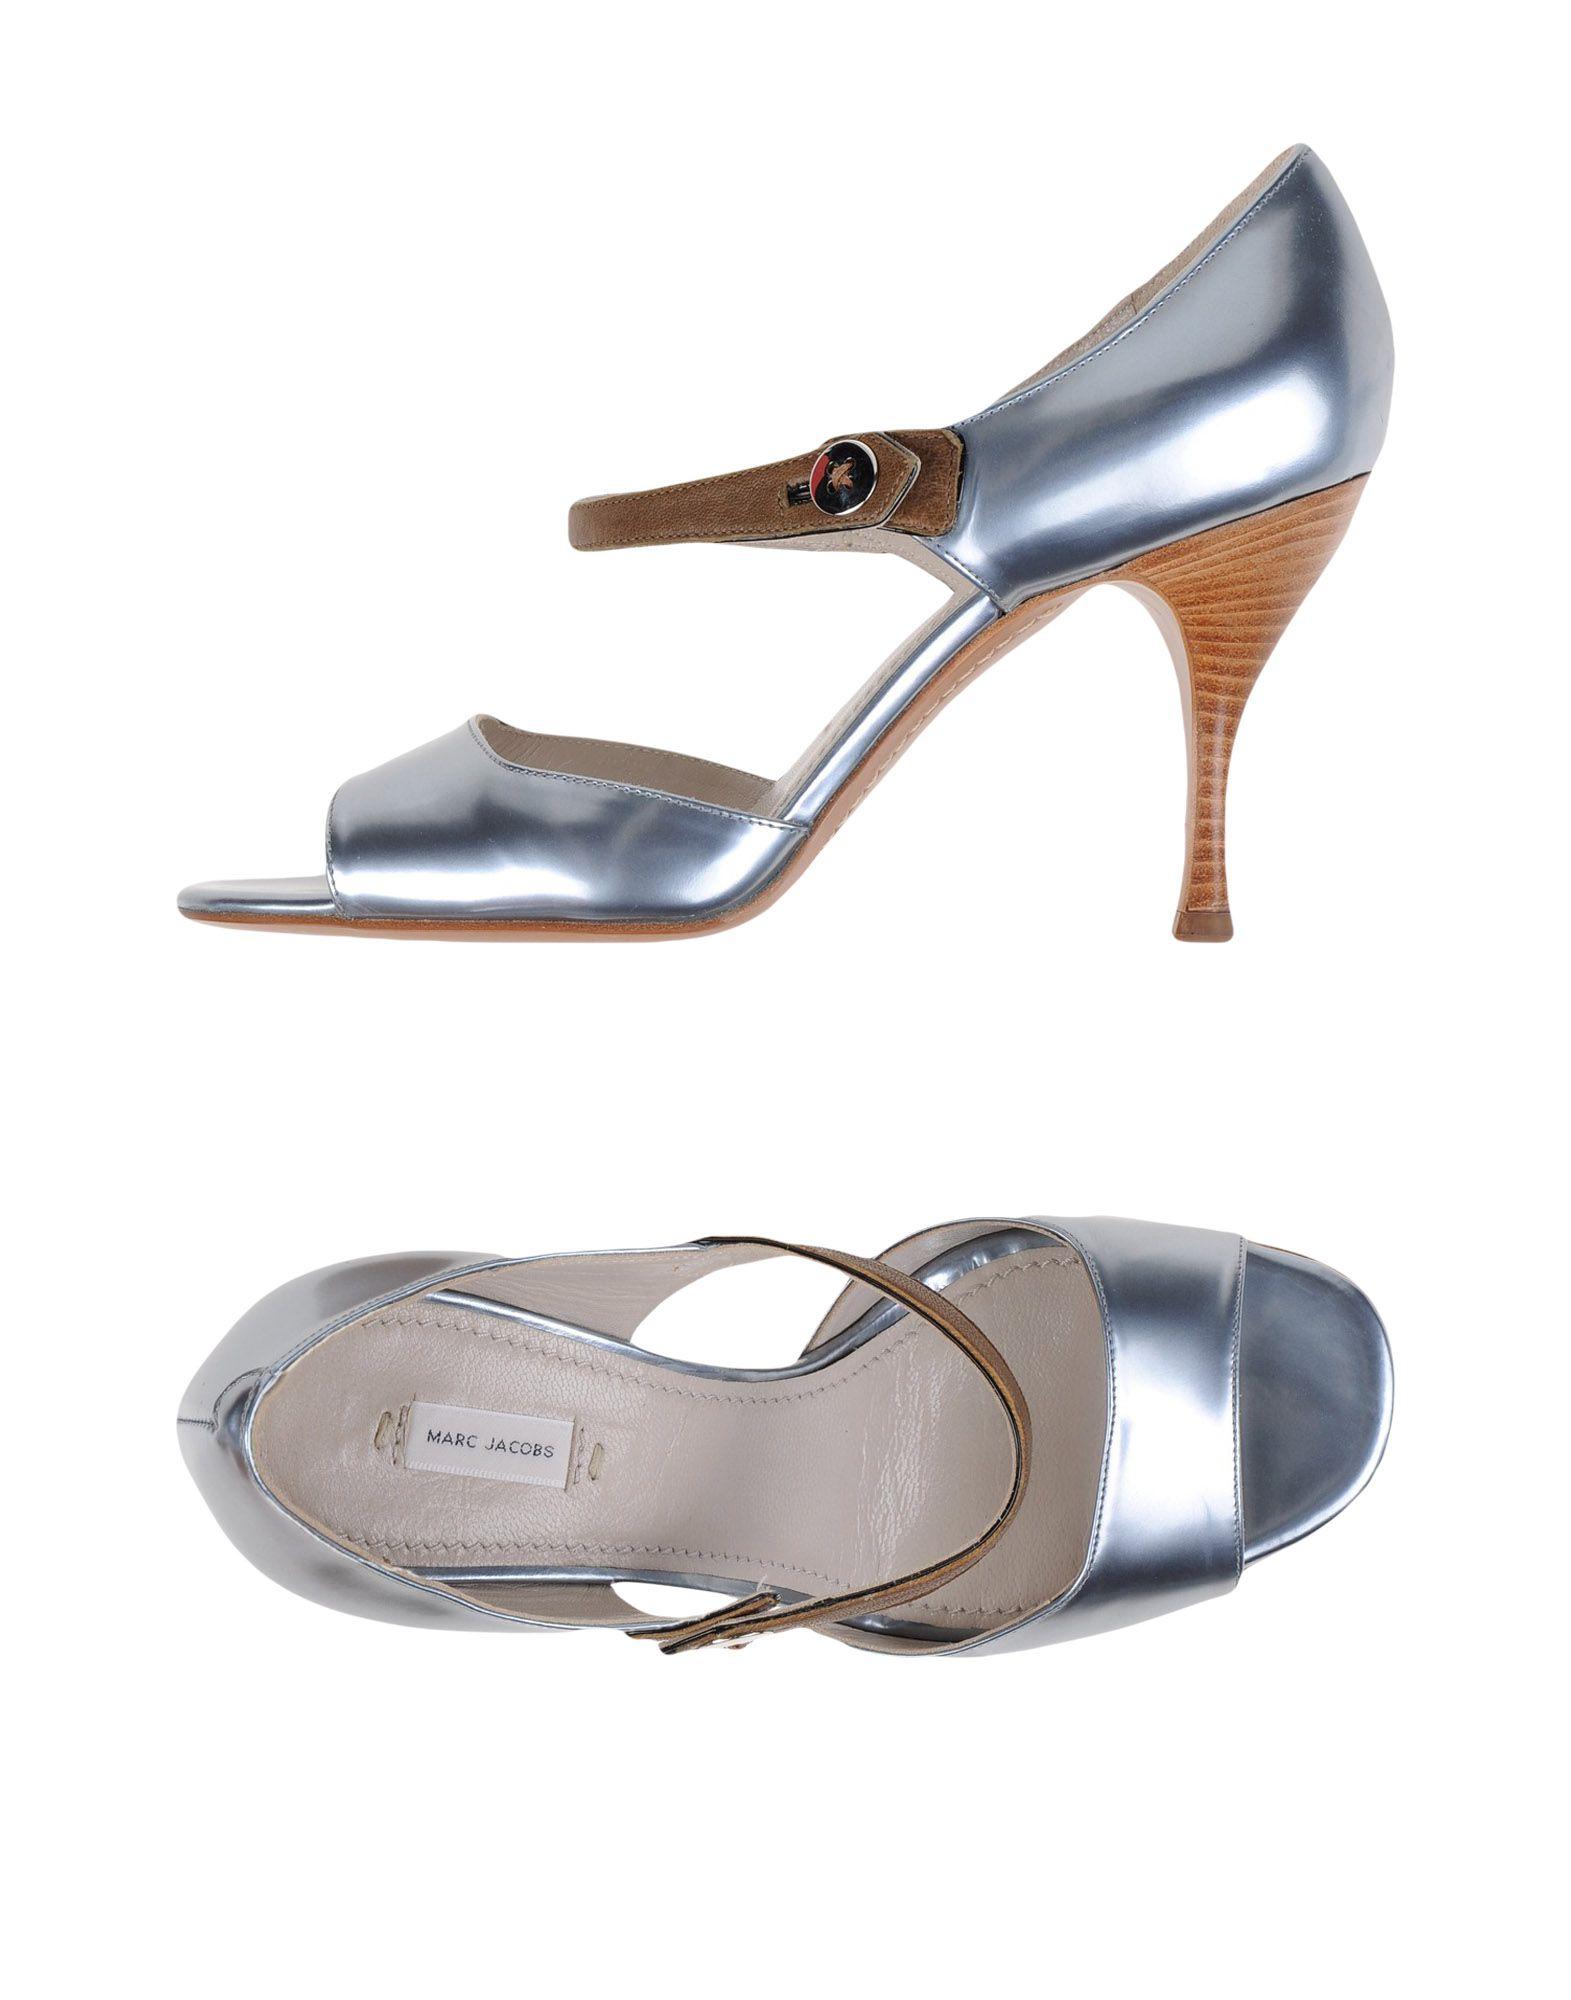 marc jacobs female marc jacobs sandals